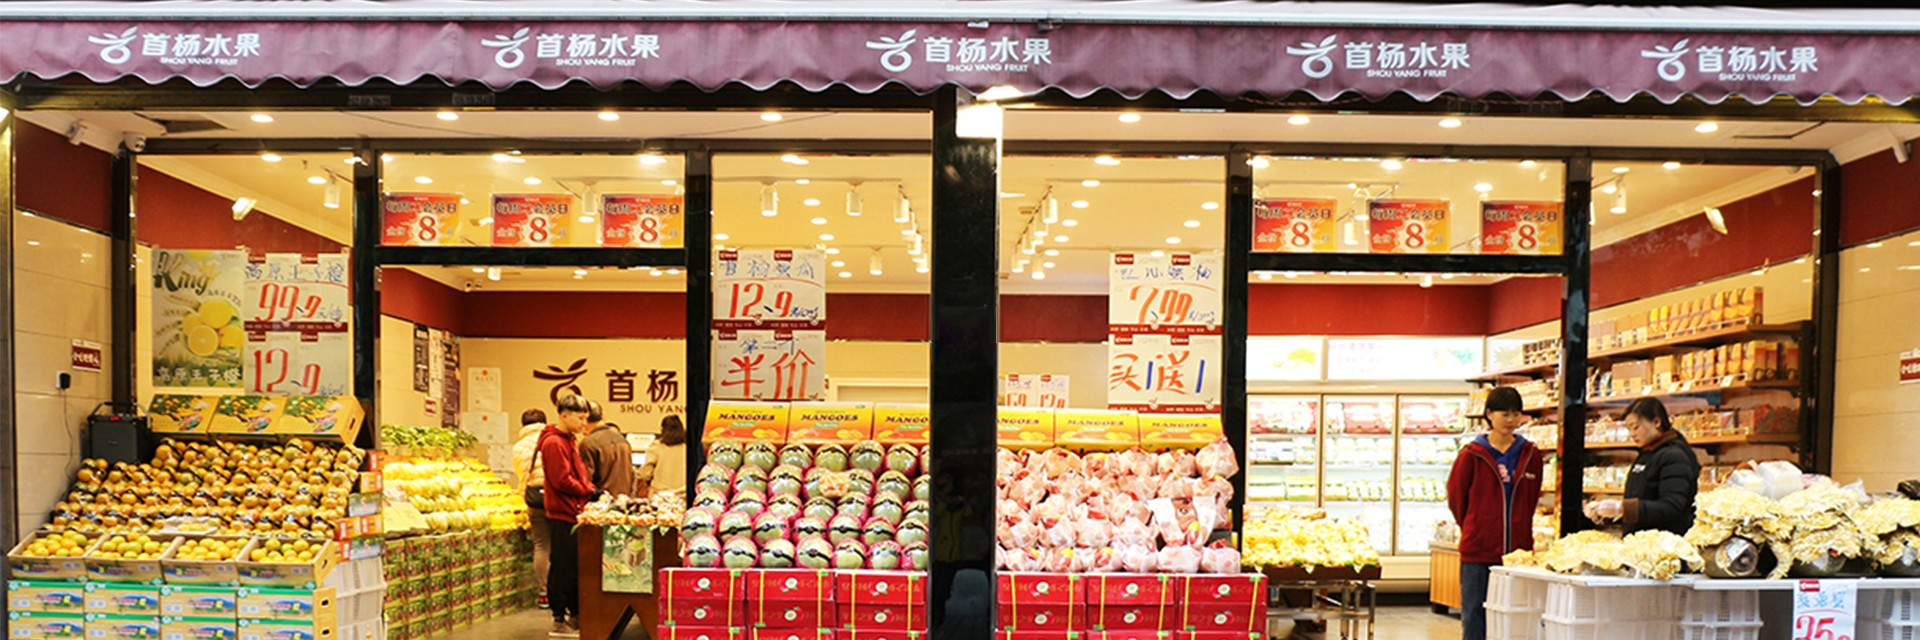 貴州首楊企業管理有限公司